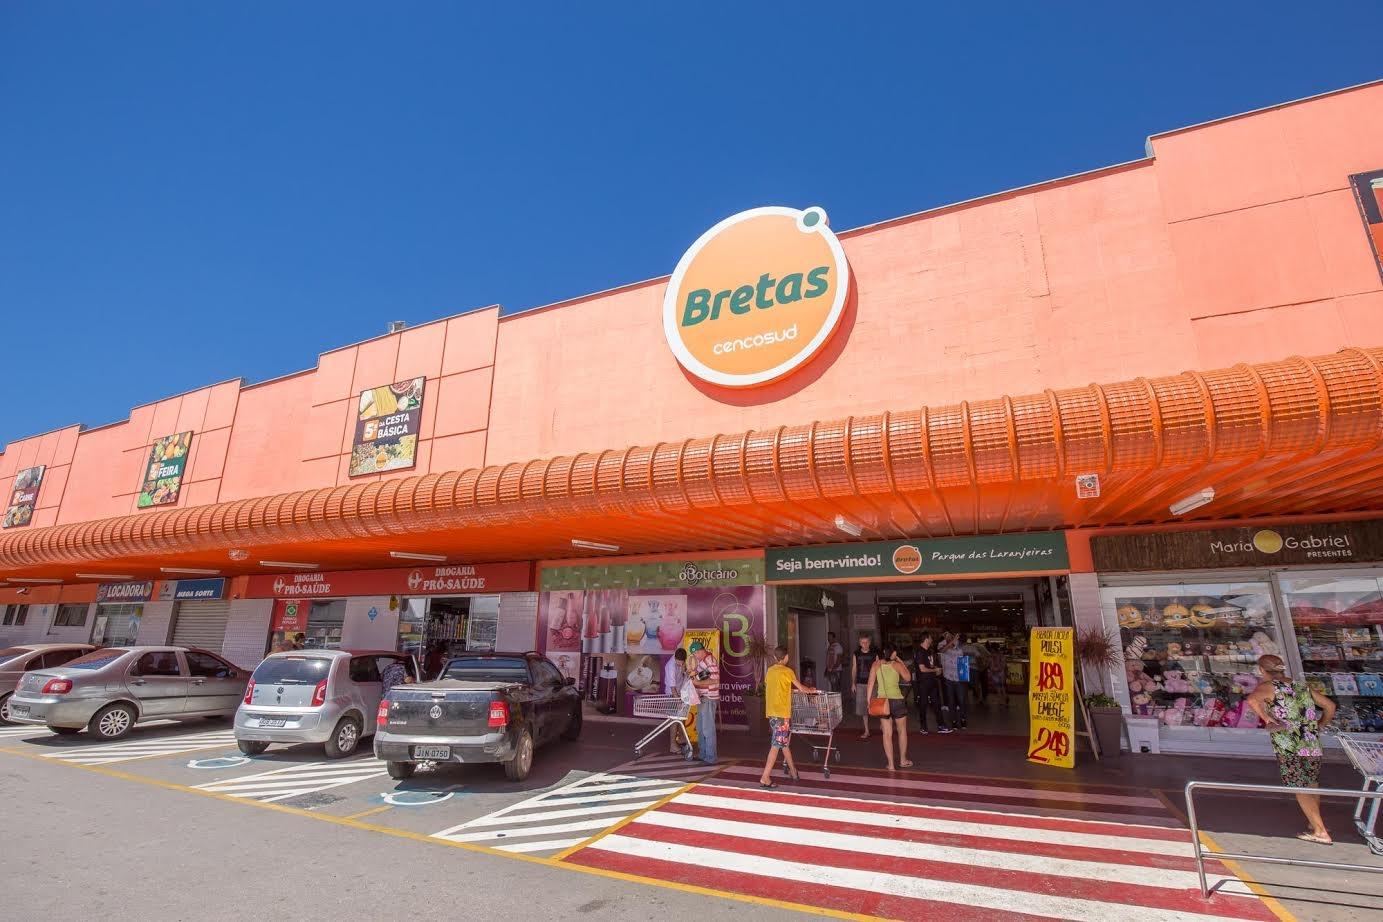 bretas 2 - Cencosud estaría analizando vender su operación en Brasil